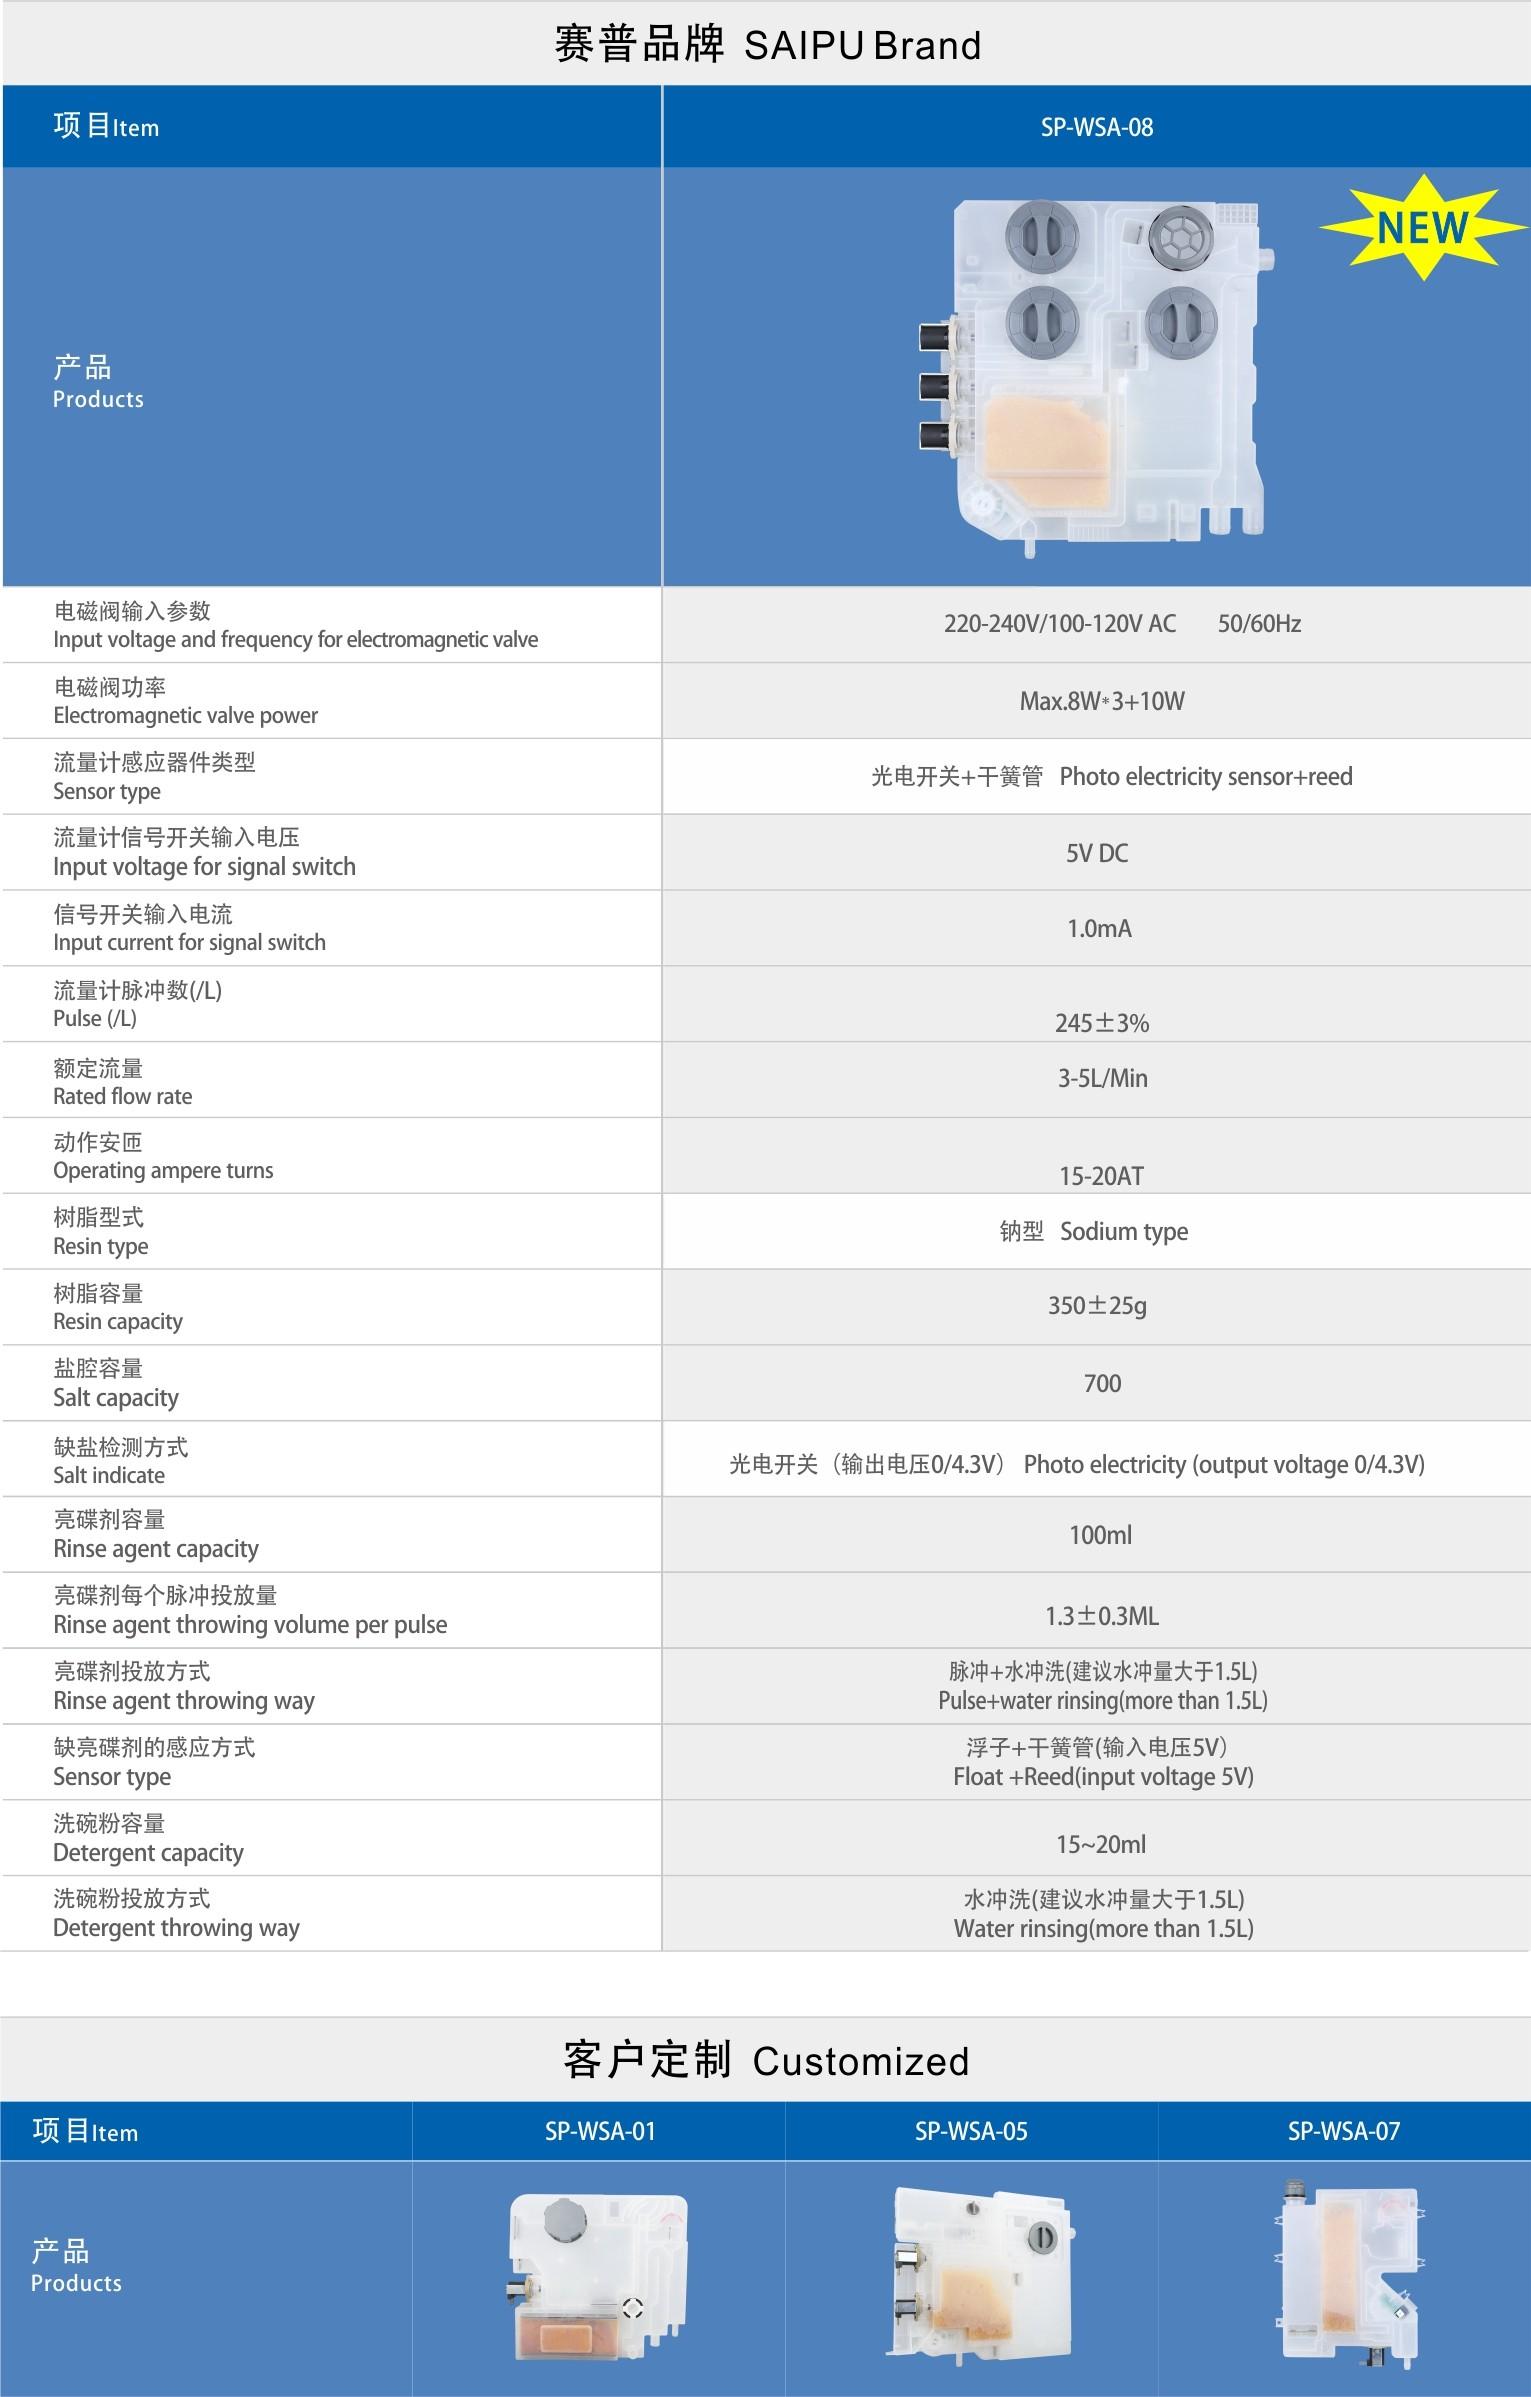 4功能集成产品.jpg